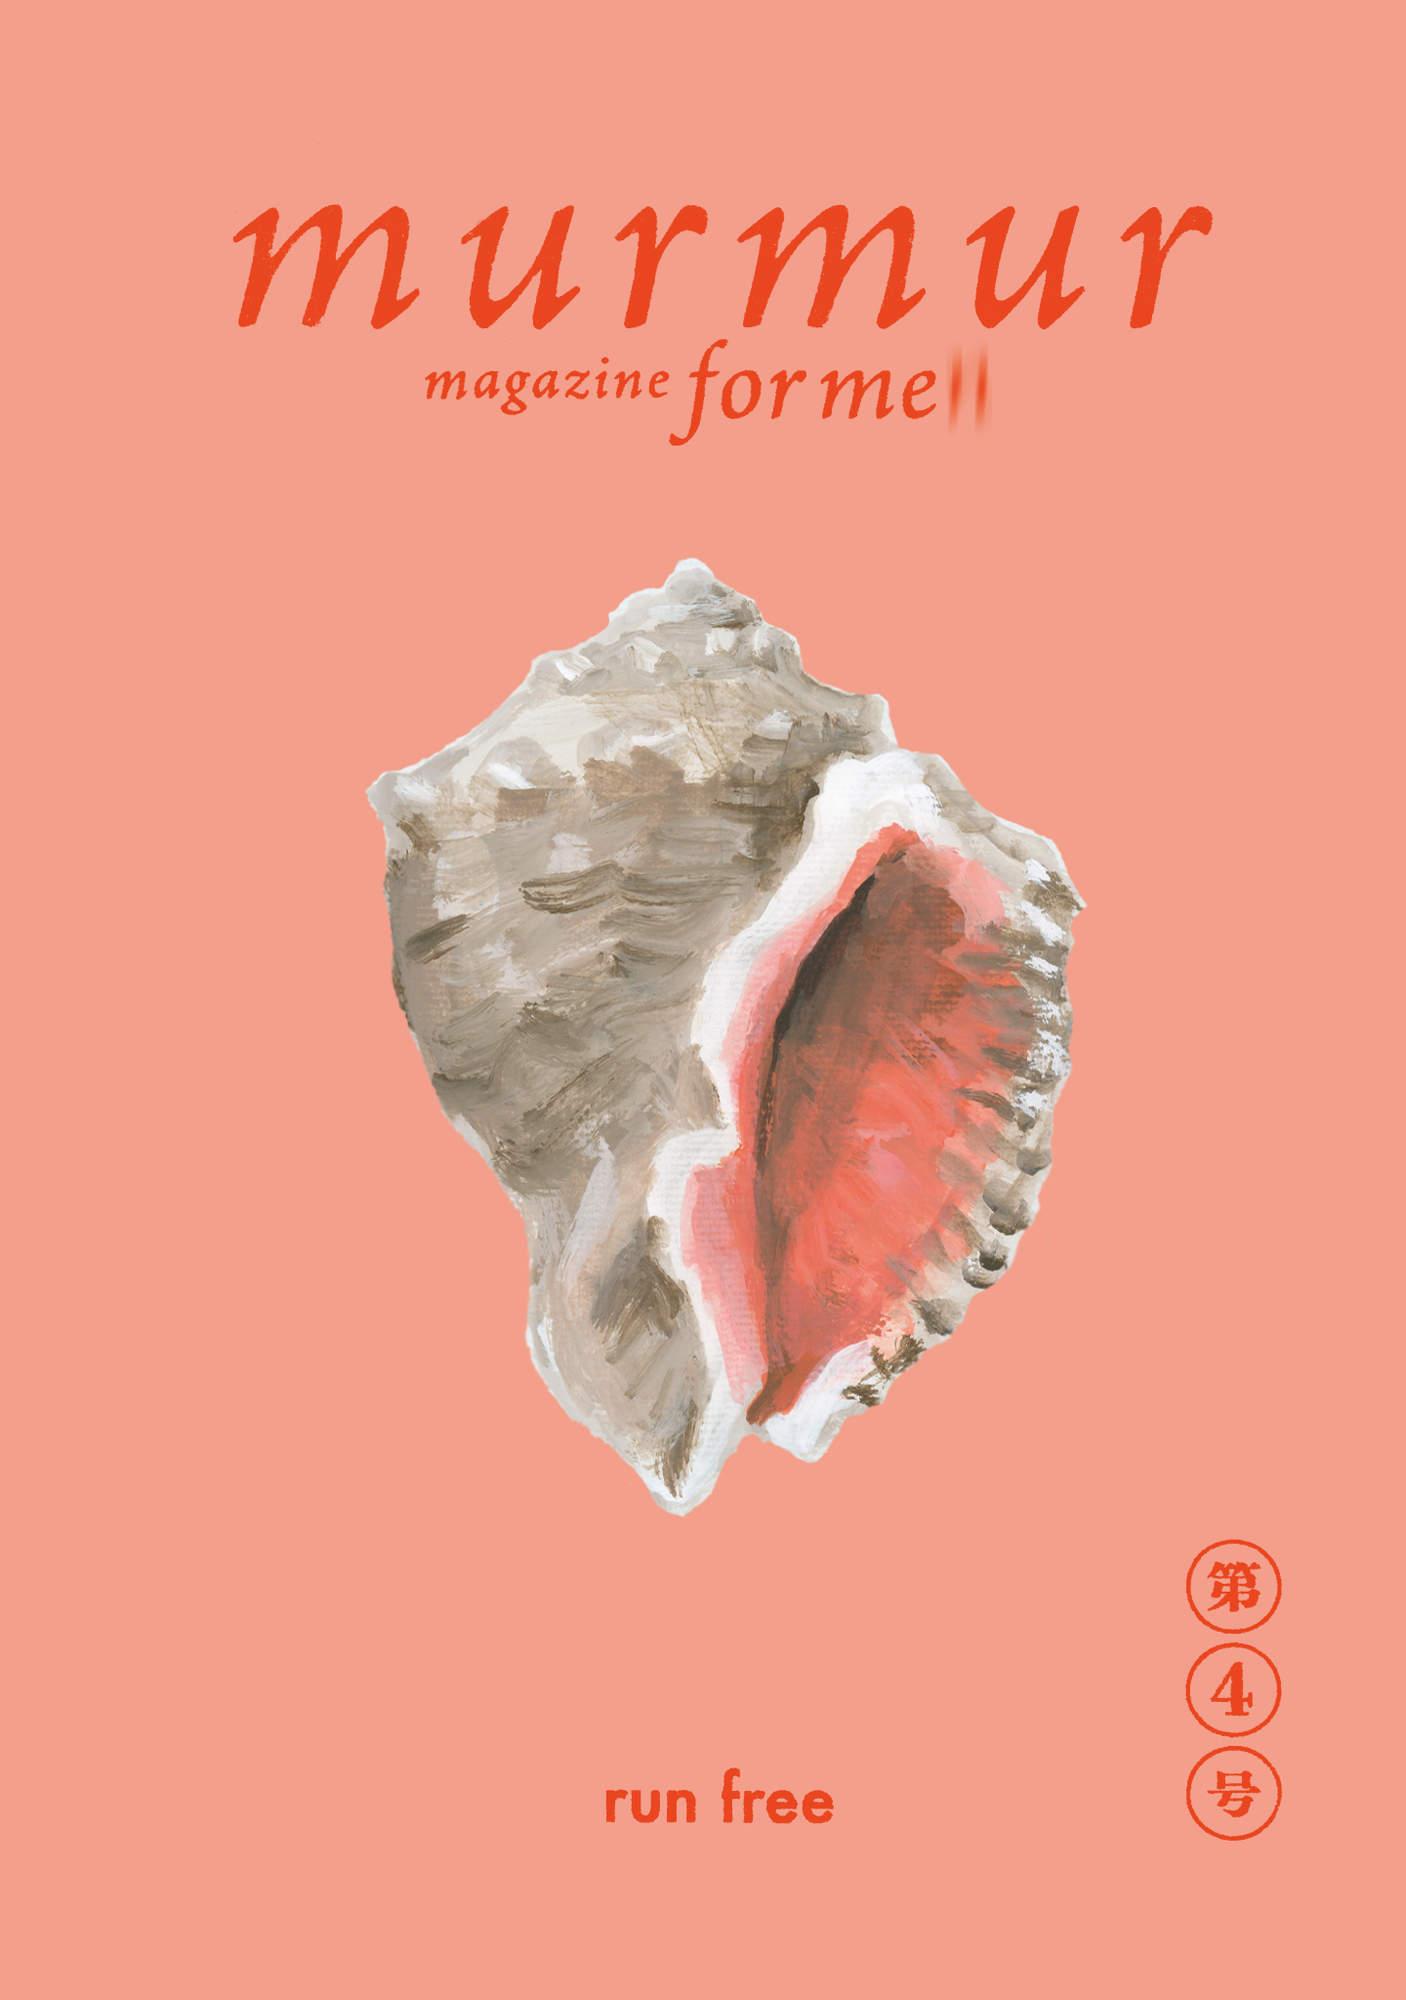 曽我部恵一の連載収録『murmur magazine for men』第4号 発売中です。